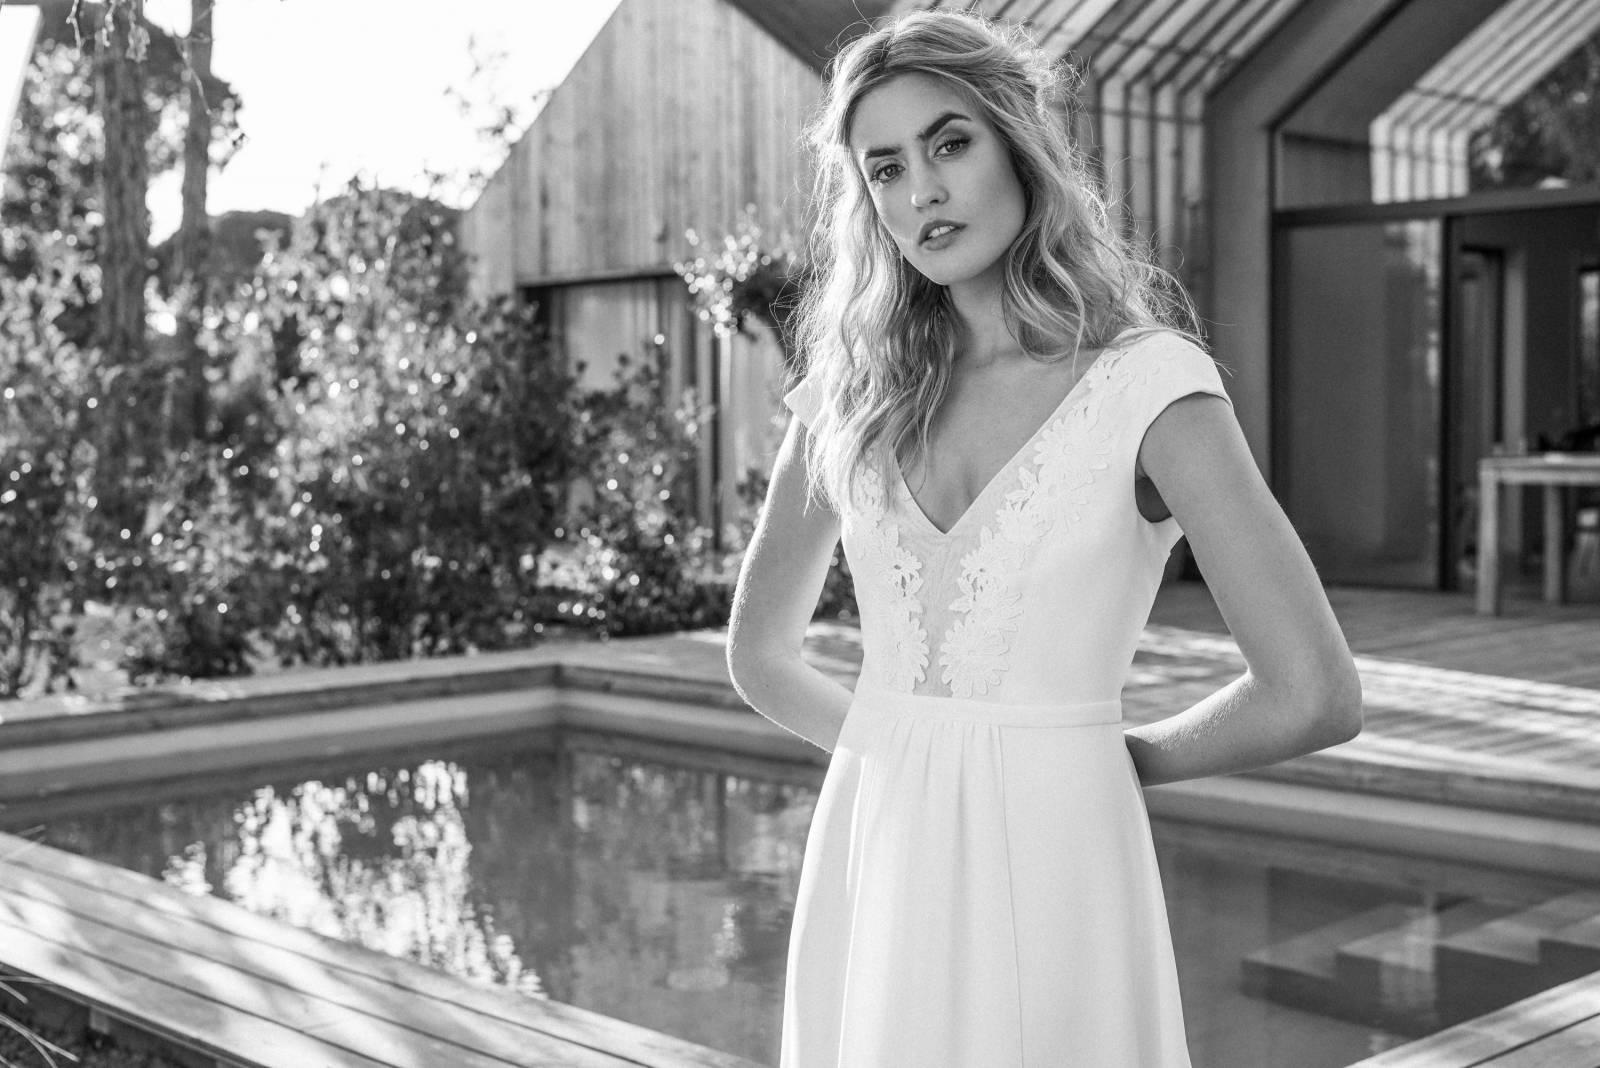 La Sposa - clothing (Marylise) - House of Weddings - 4